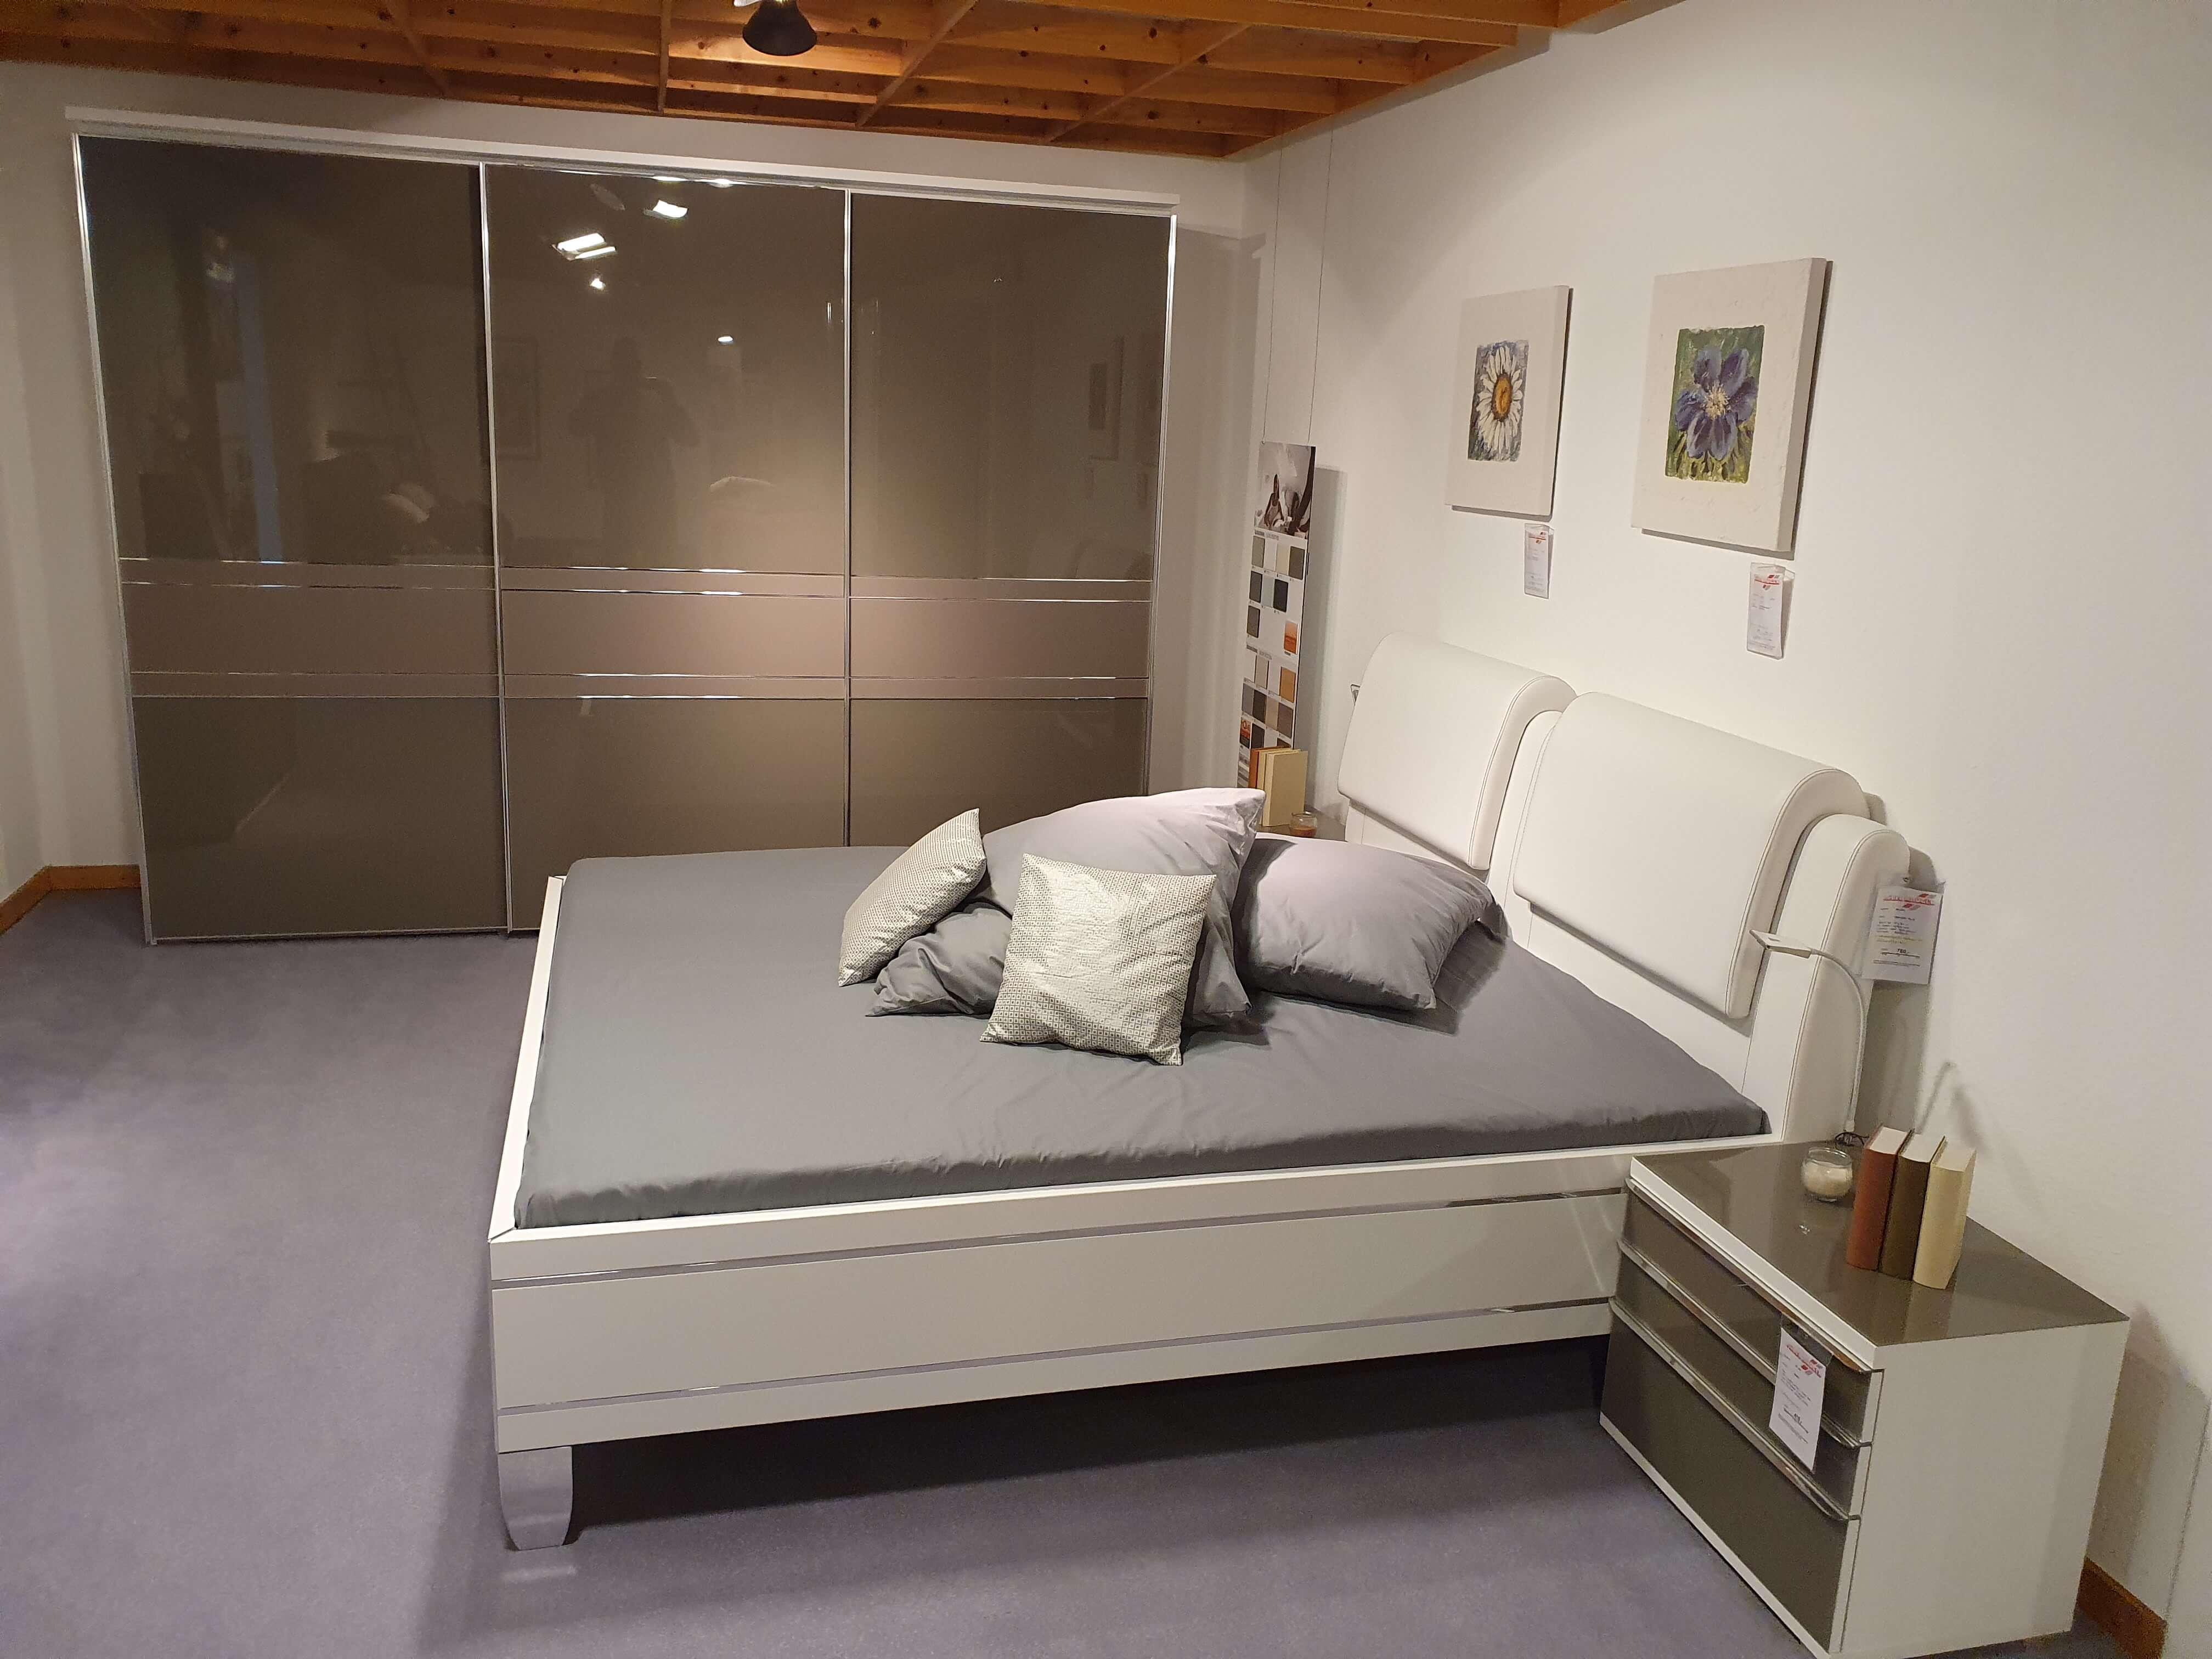 Staud Sinfonie Rubin Sonate Schlafzimmer Komplett Ink Bett Nachtkonsolen Kleiderschrank Kombikommode